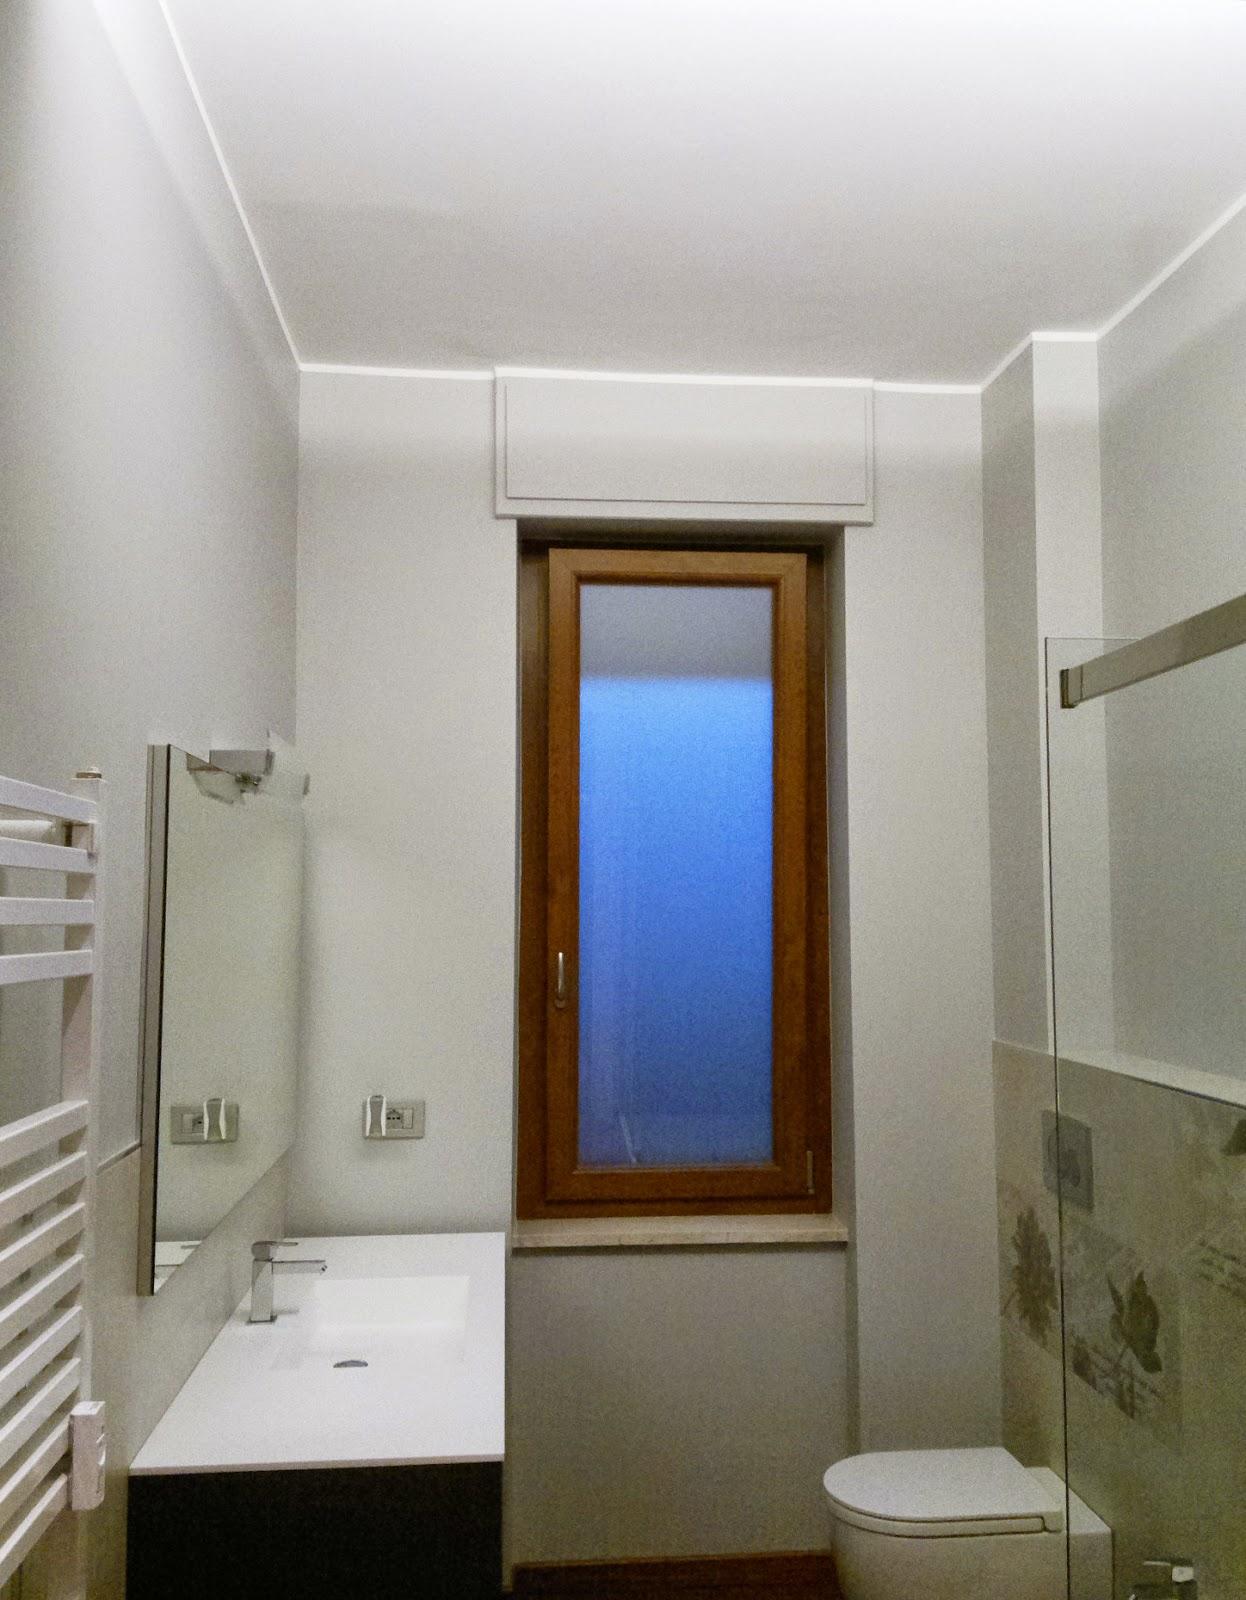 Illuminazione Led casa: Ristrutturando un appartamento